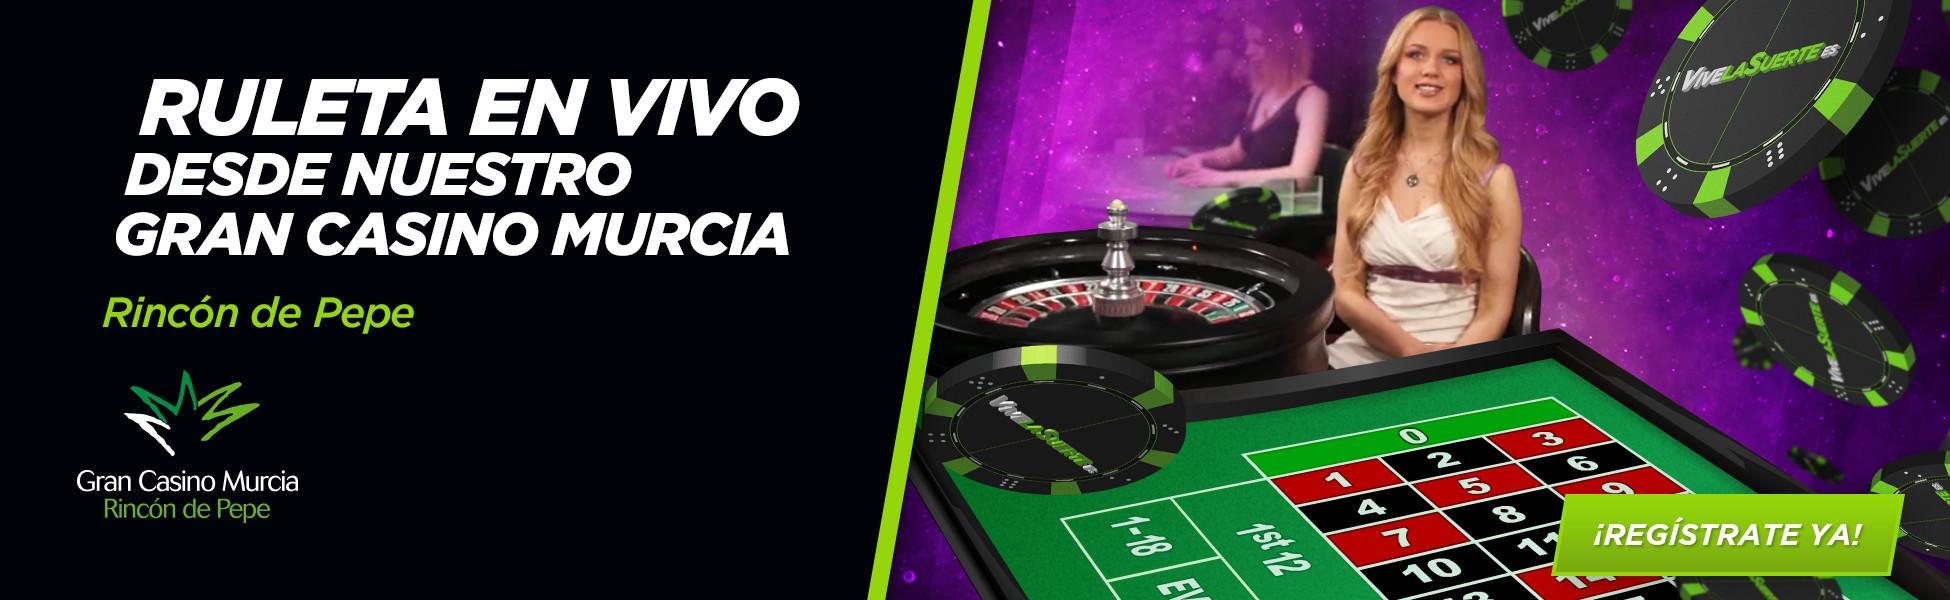 Casino 888 ruleta con tiradas gratis en Porto 302958